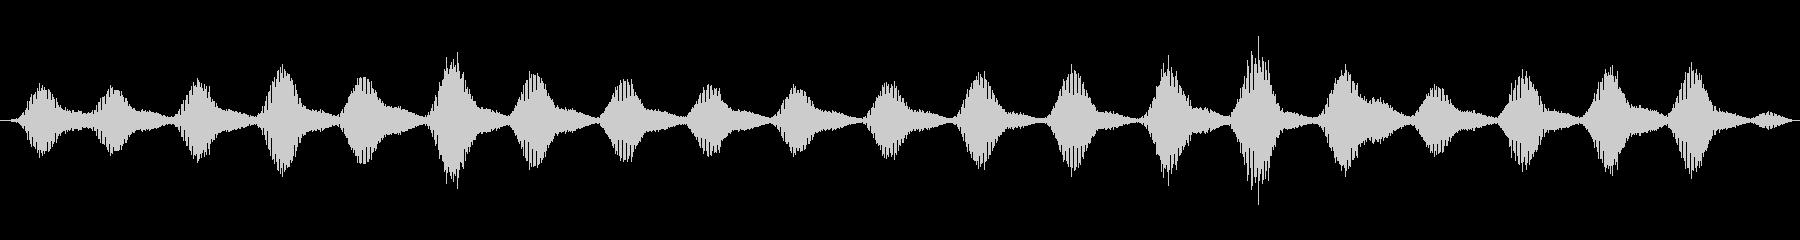 特撮 ホログラムシーケンス01の未再生の波形